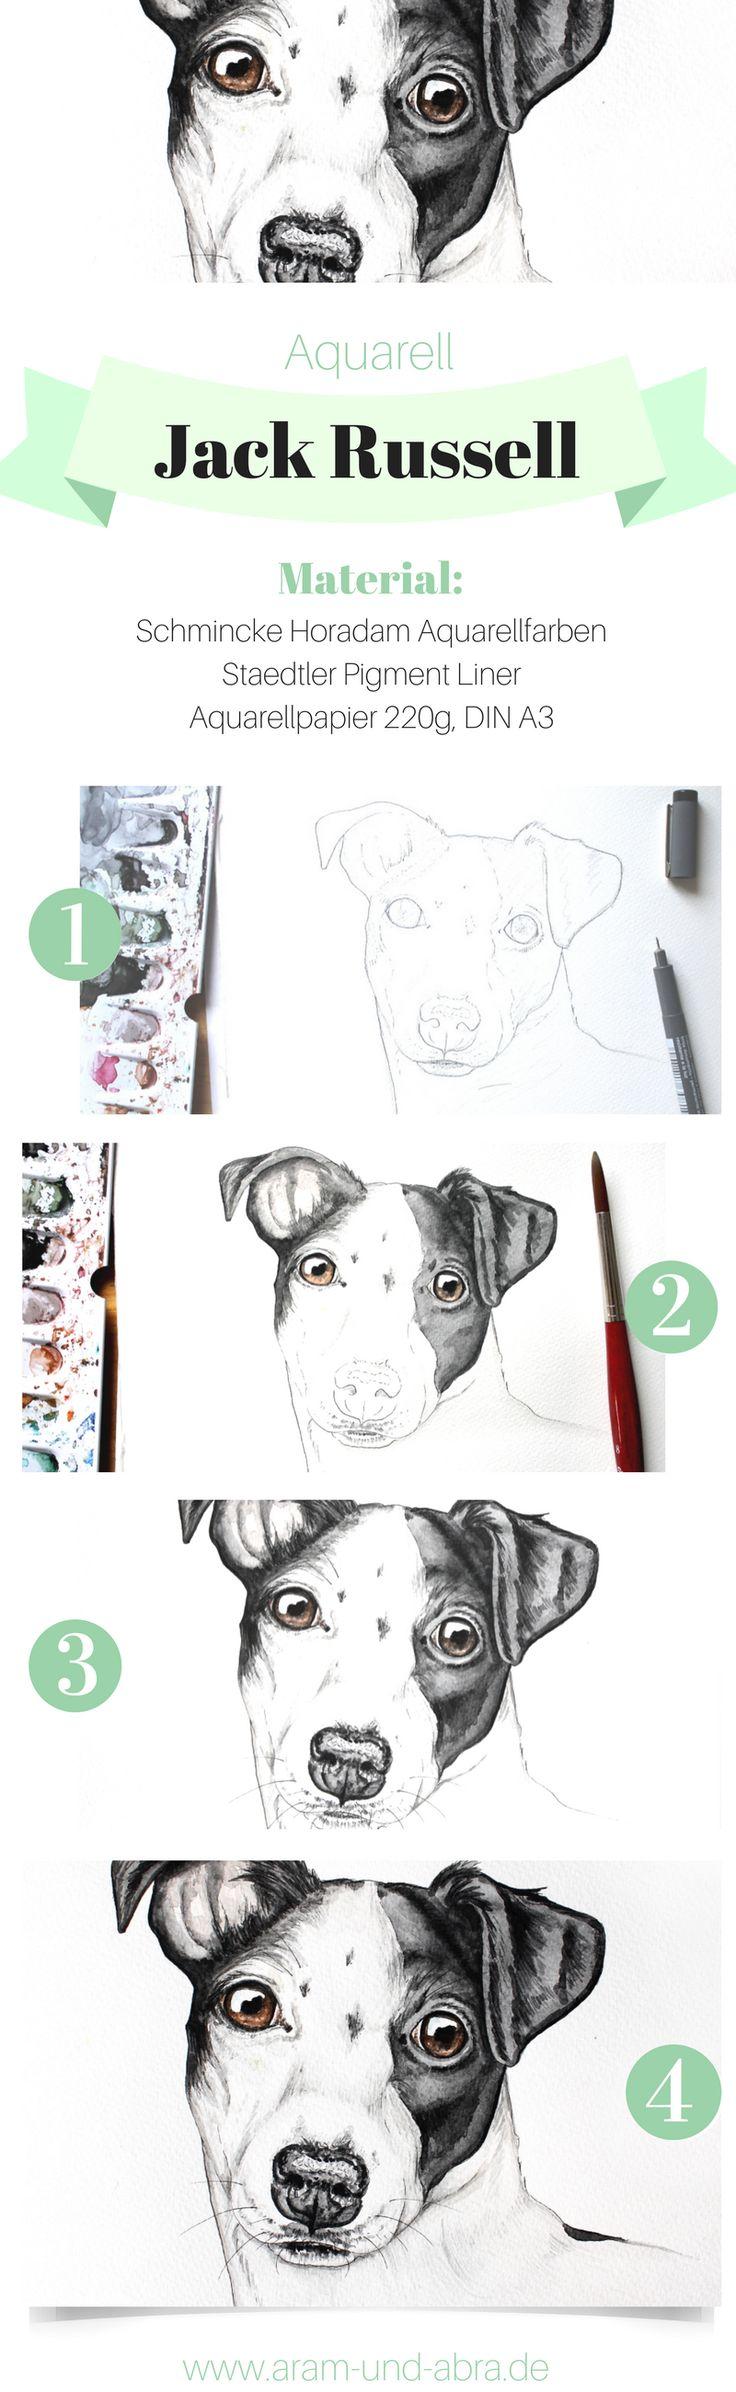 Schritt für Schritt: Hund malen in Aquarell | Portrait | Zeichnen | DIY | Tipps | Anleitung | kreativ | Kunst | Tierportrait | Hunde | Jack Russell Terrier